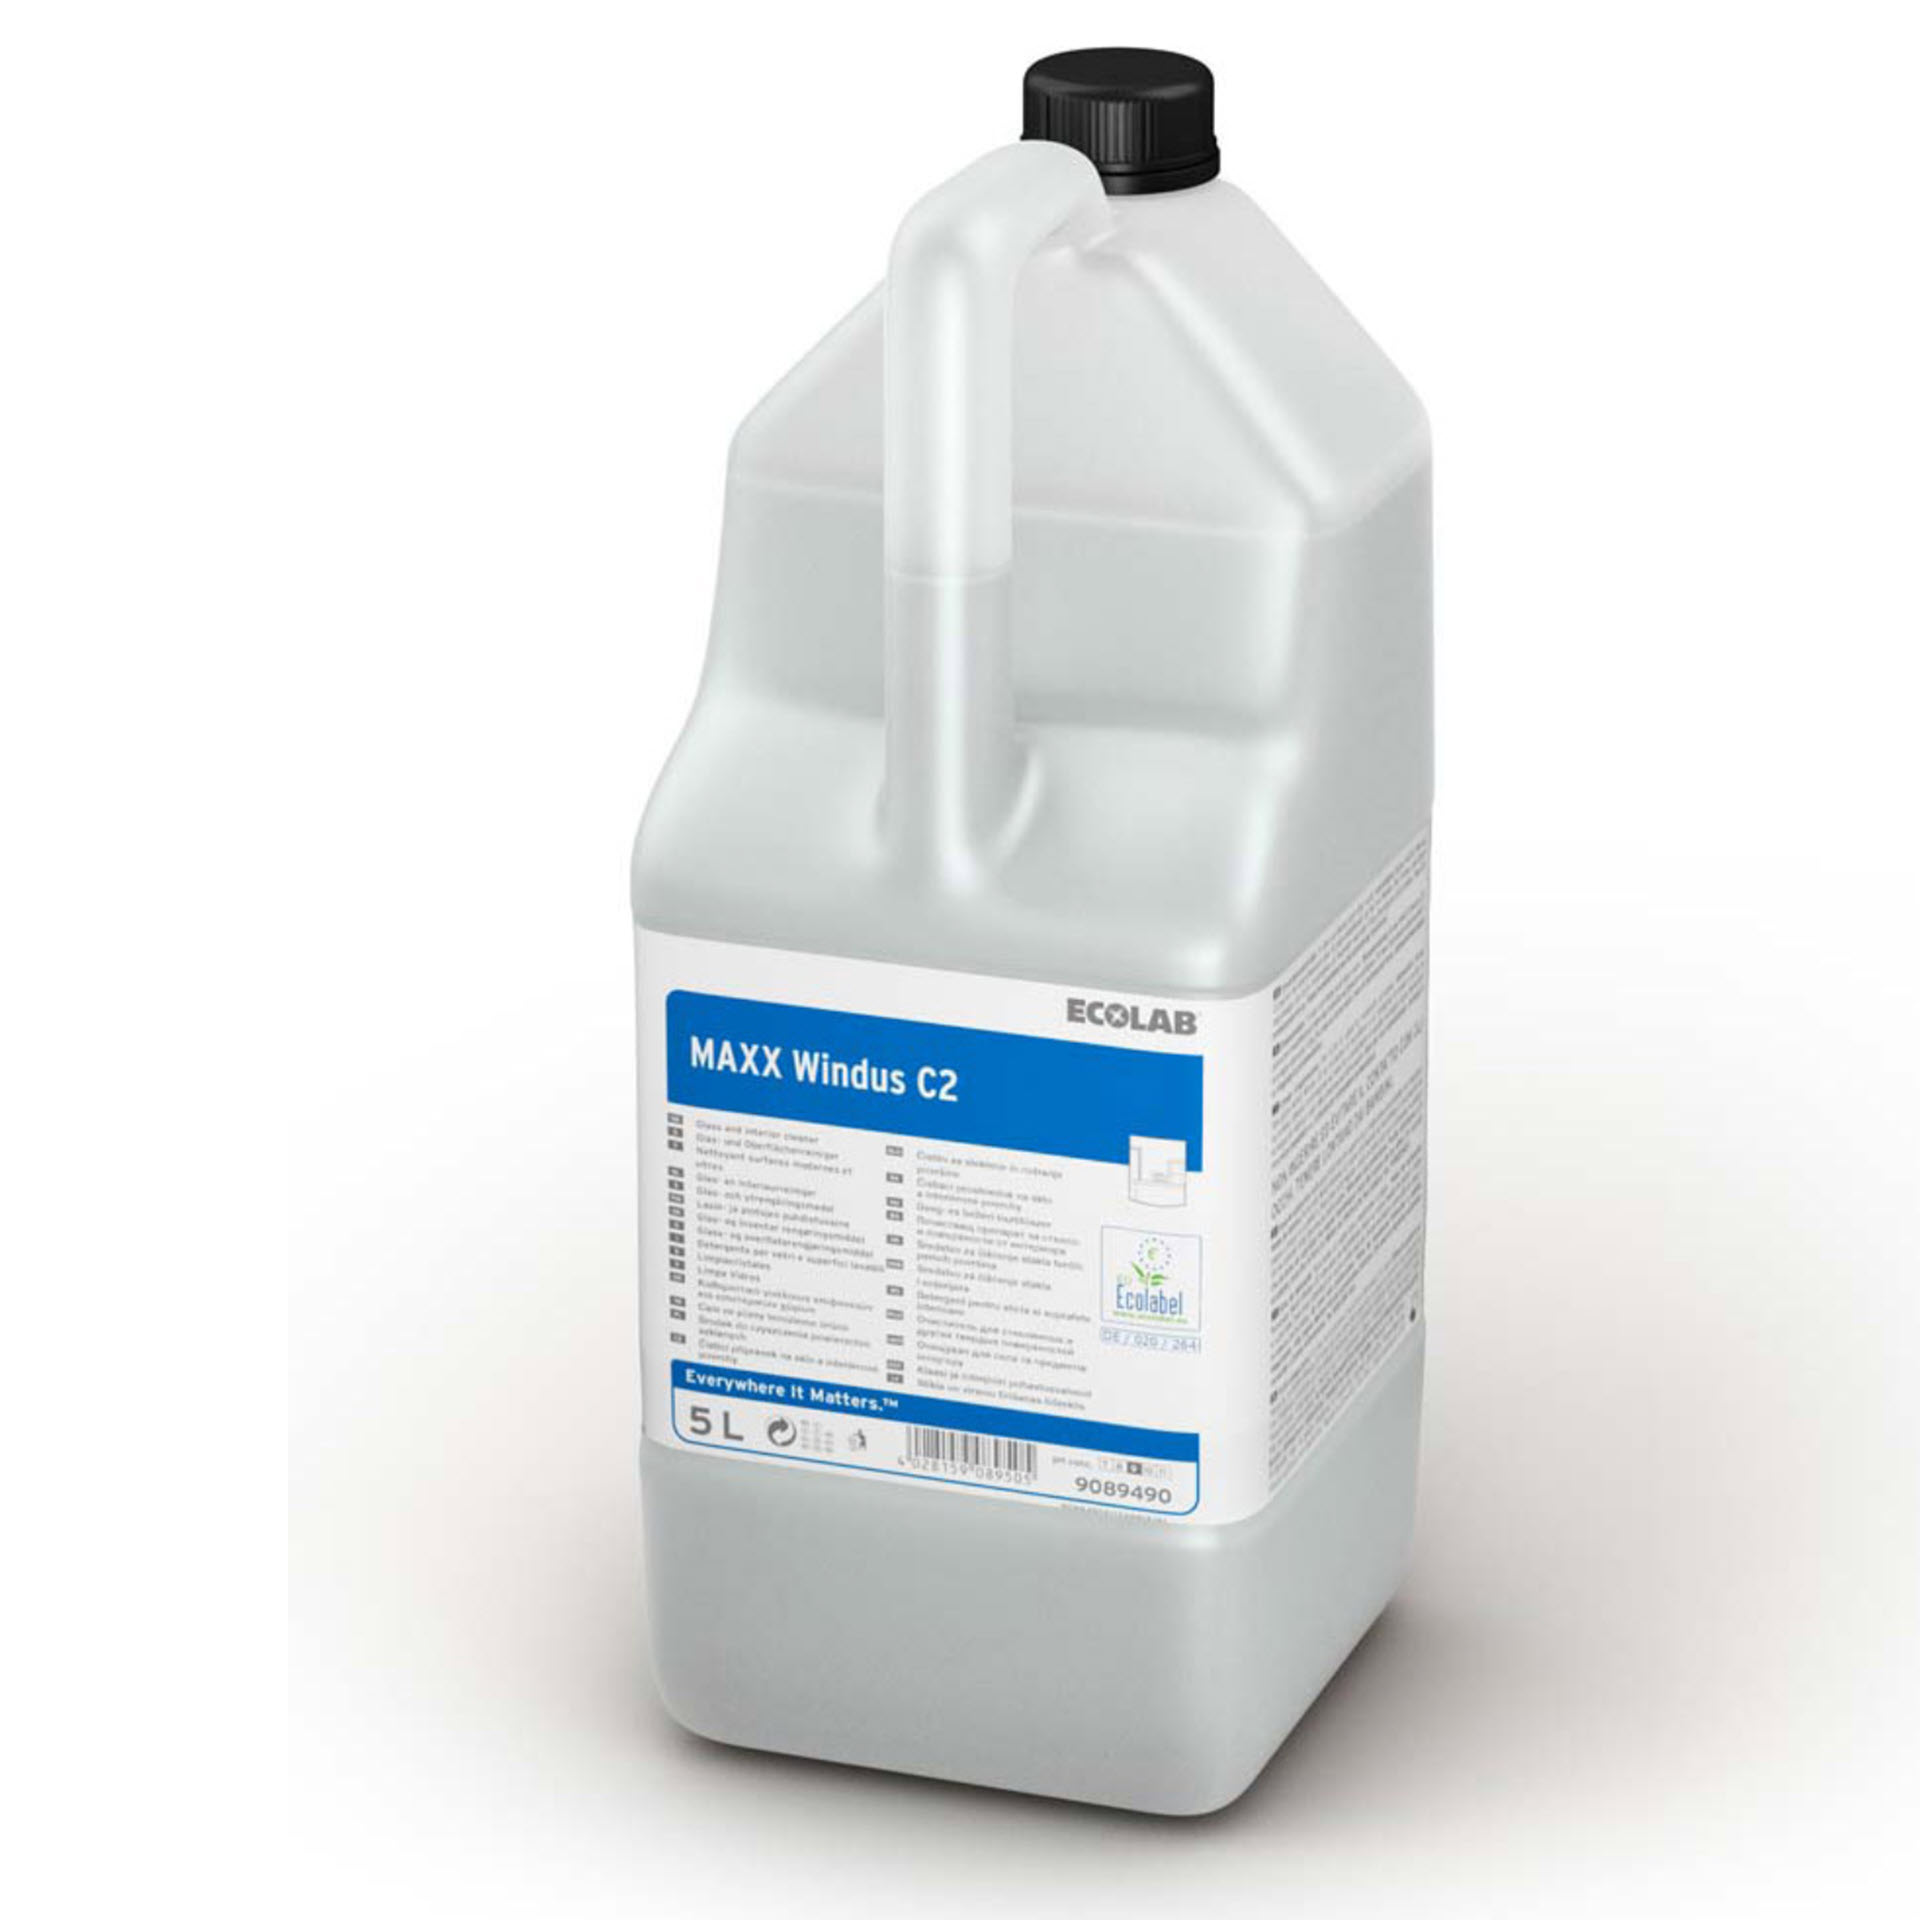 Ecolab MAXX Windus C2 Glas- und Oberflächenreiniger - 5 Liter Kanister